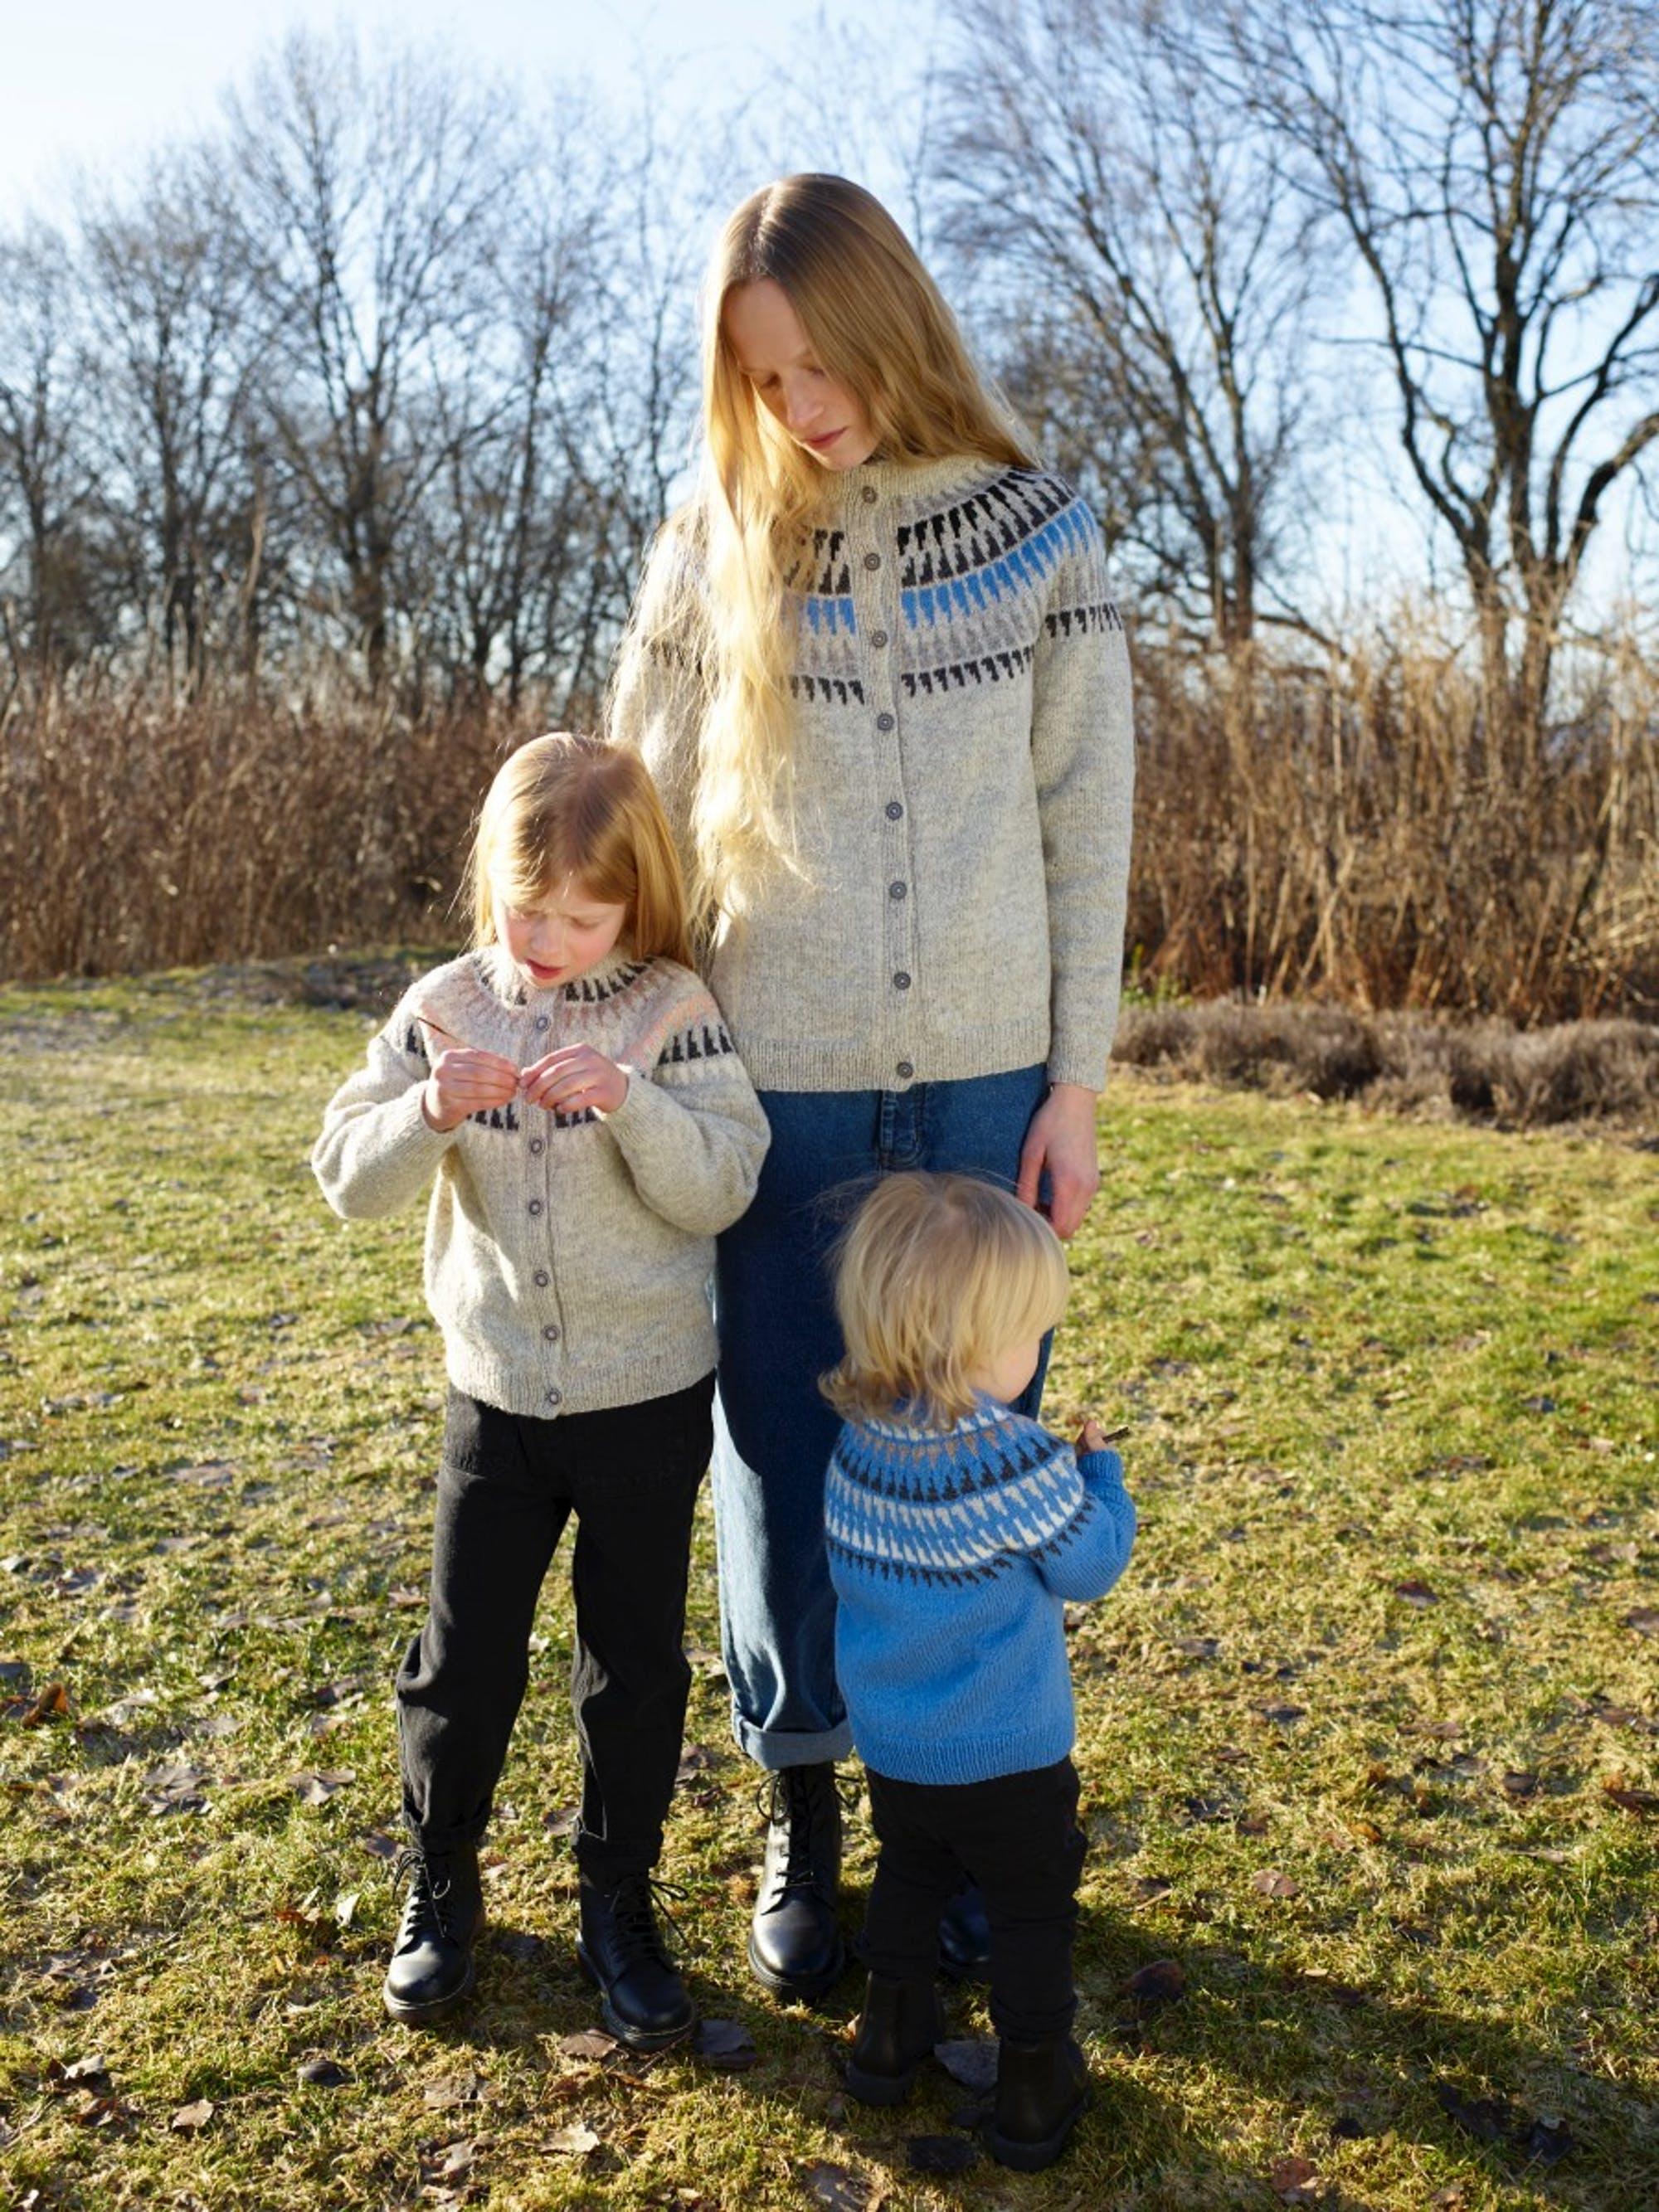 Rauma Spiret genser barn 336 1 Strikkehjørnet AS